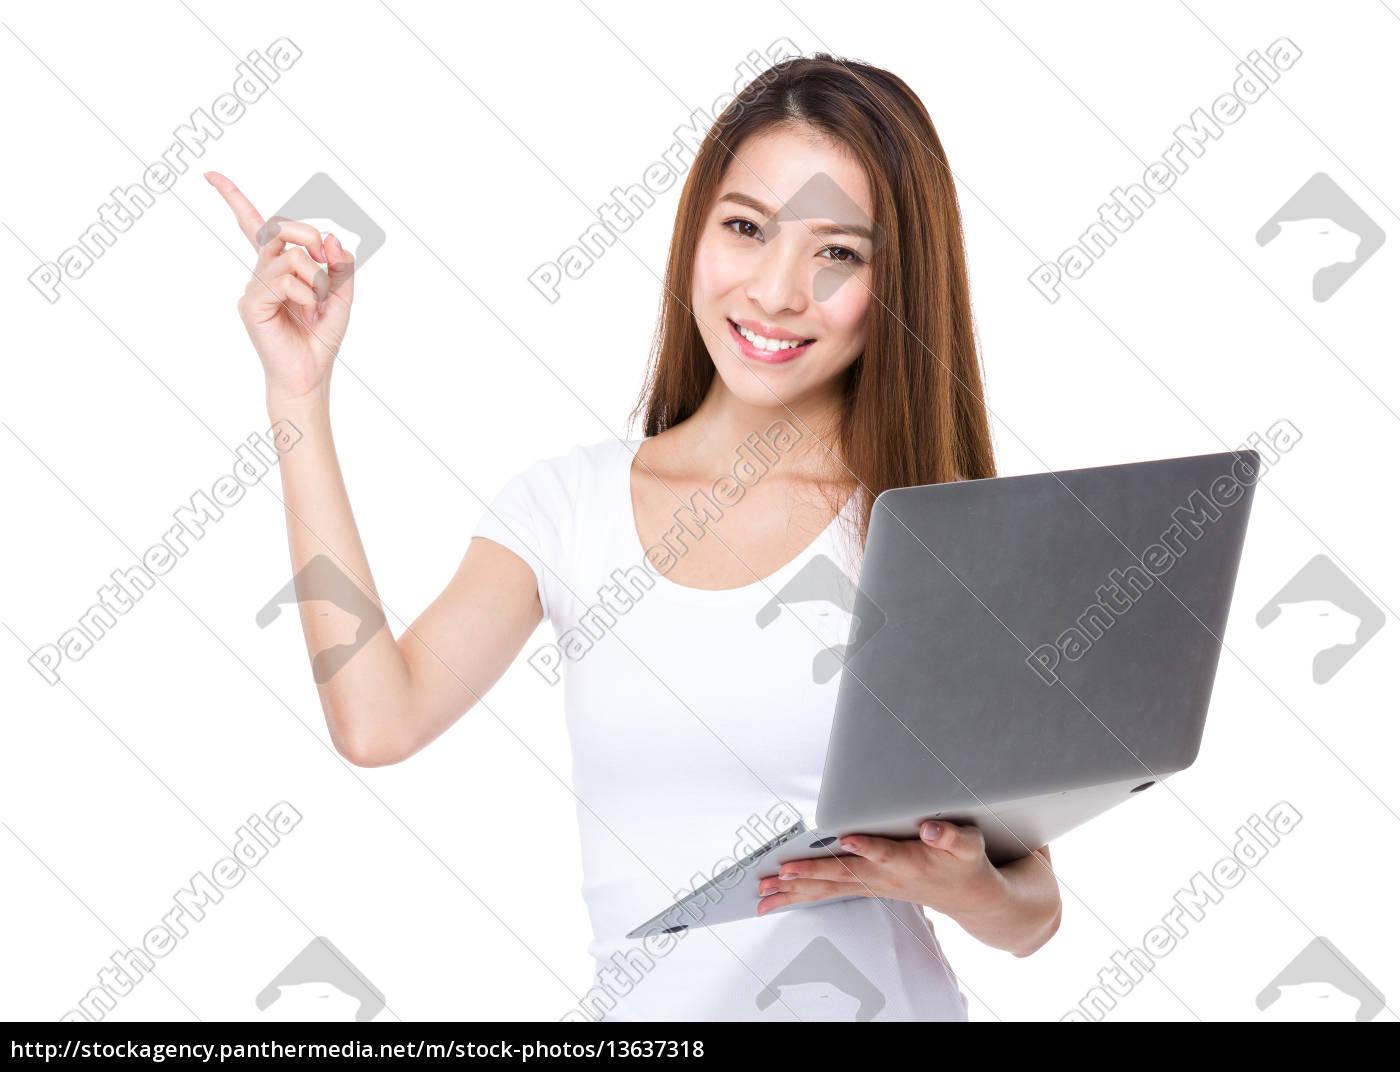 frau, verwenden, laptop, und, finger, zeigen - 13637318